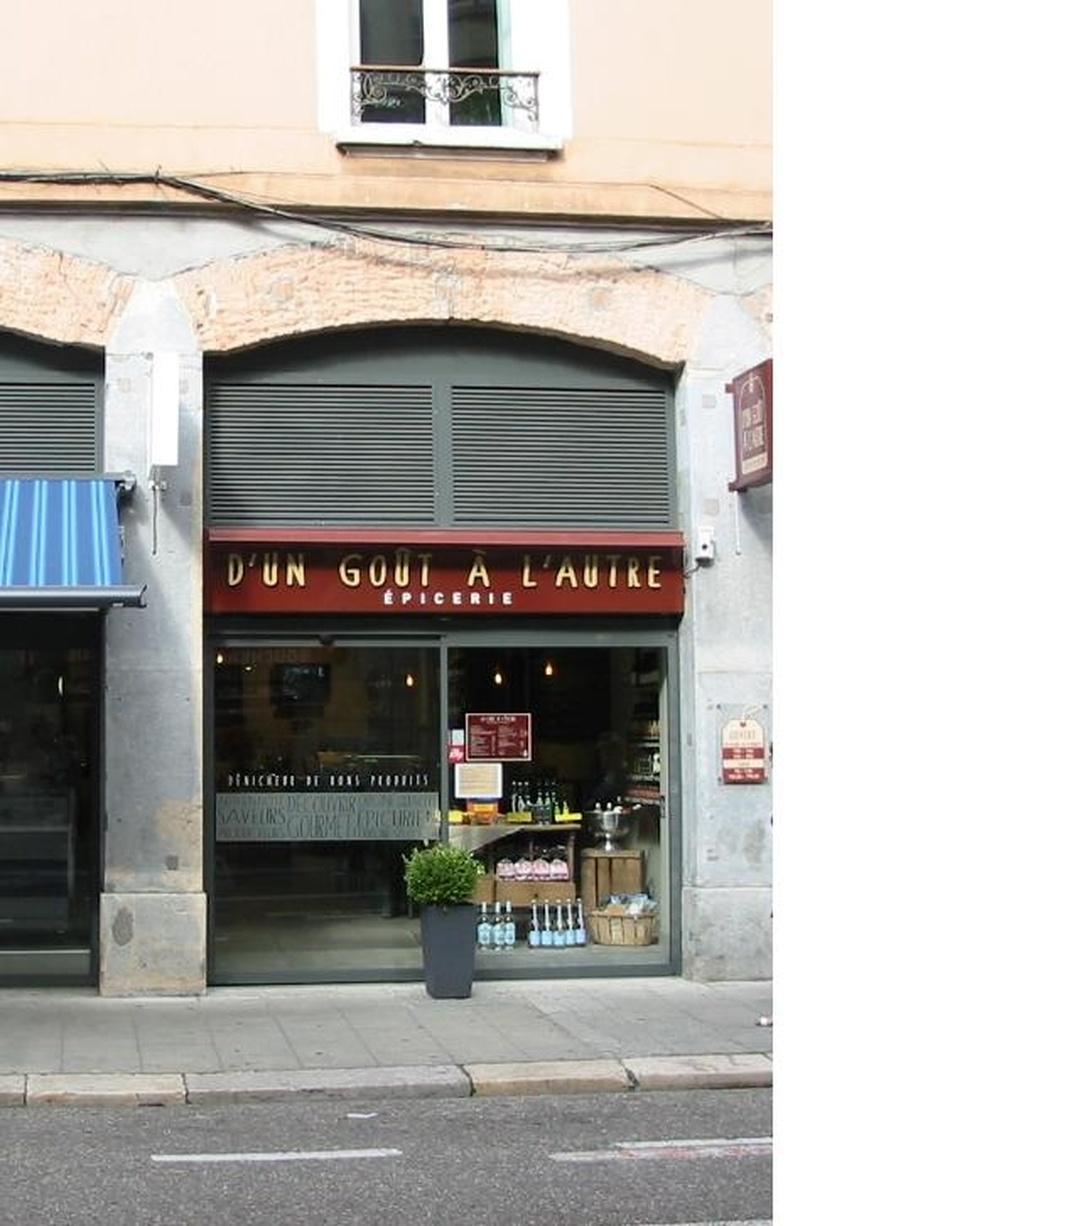 Foto vom 5. Februar 2016 18:55, Épicerie D'un Goût à l'Autre, 3 Rue de Strasbourg, 38000 Grenoble, Frankreich